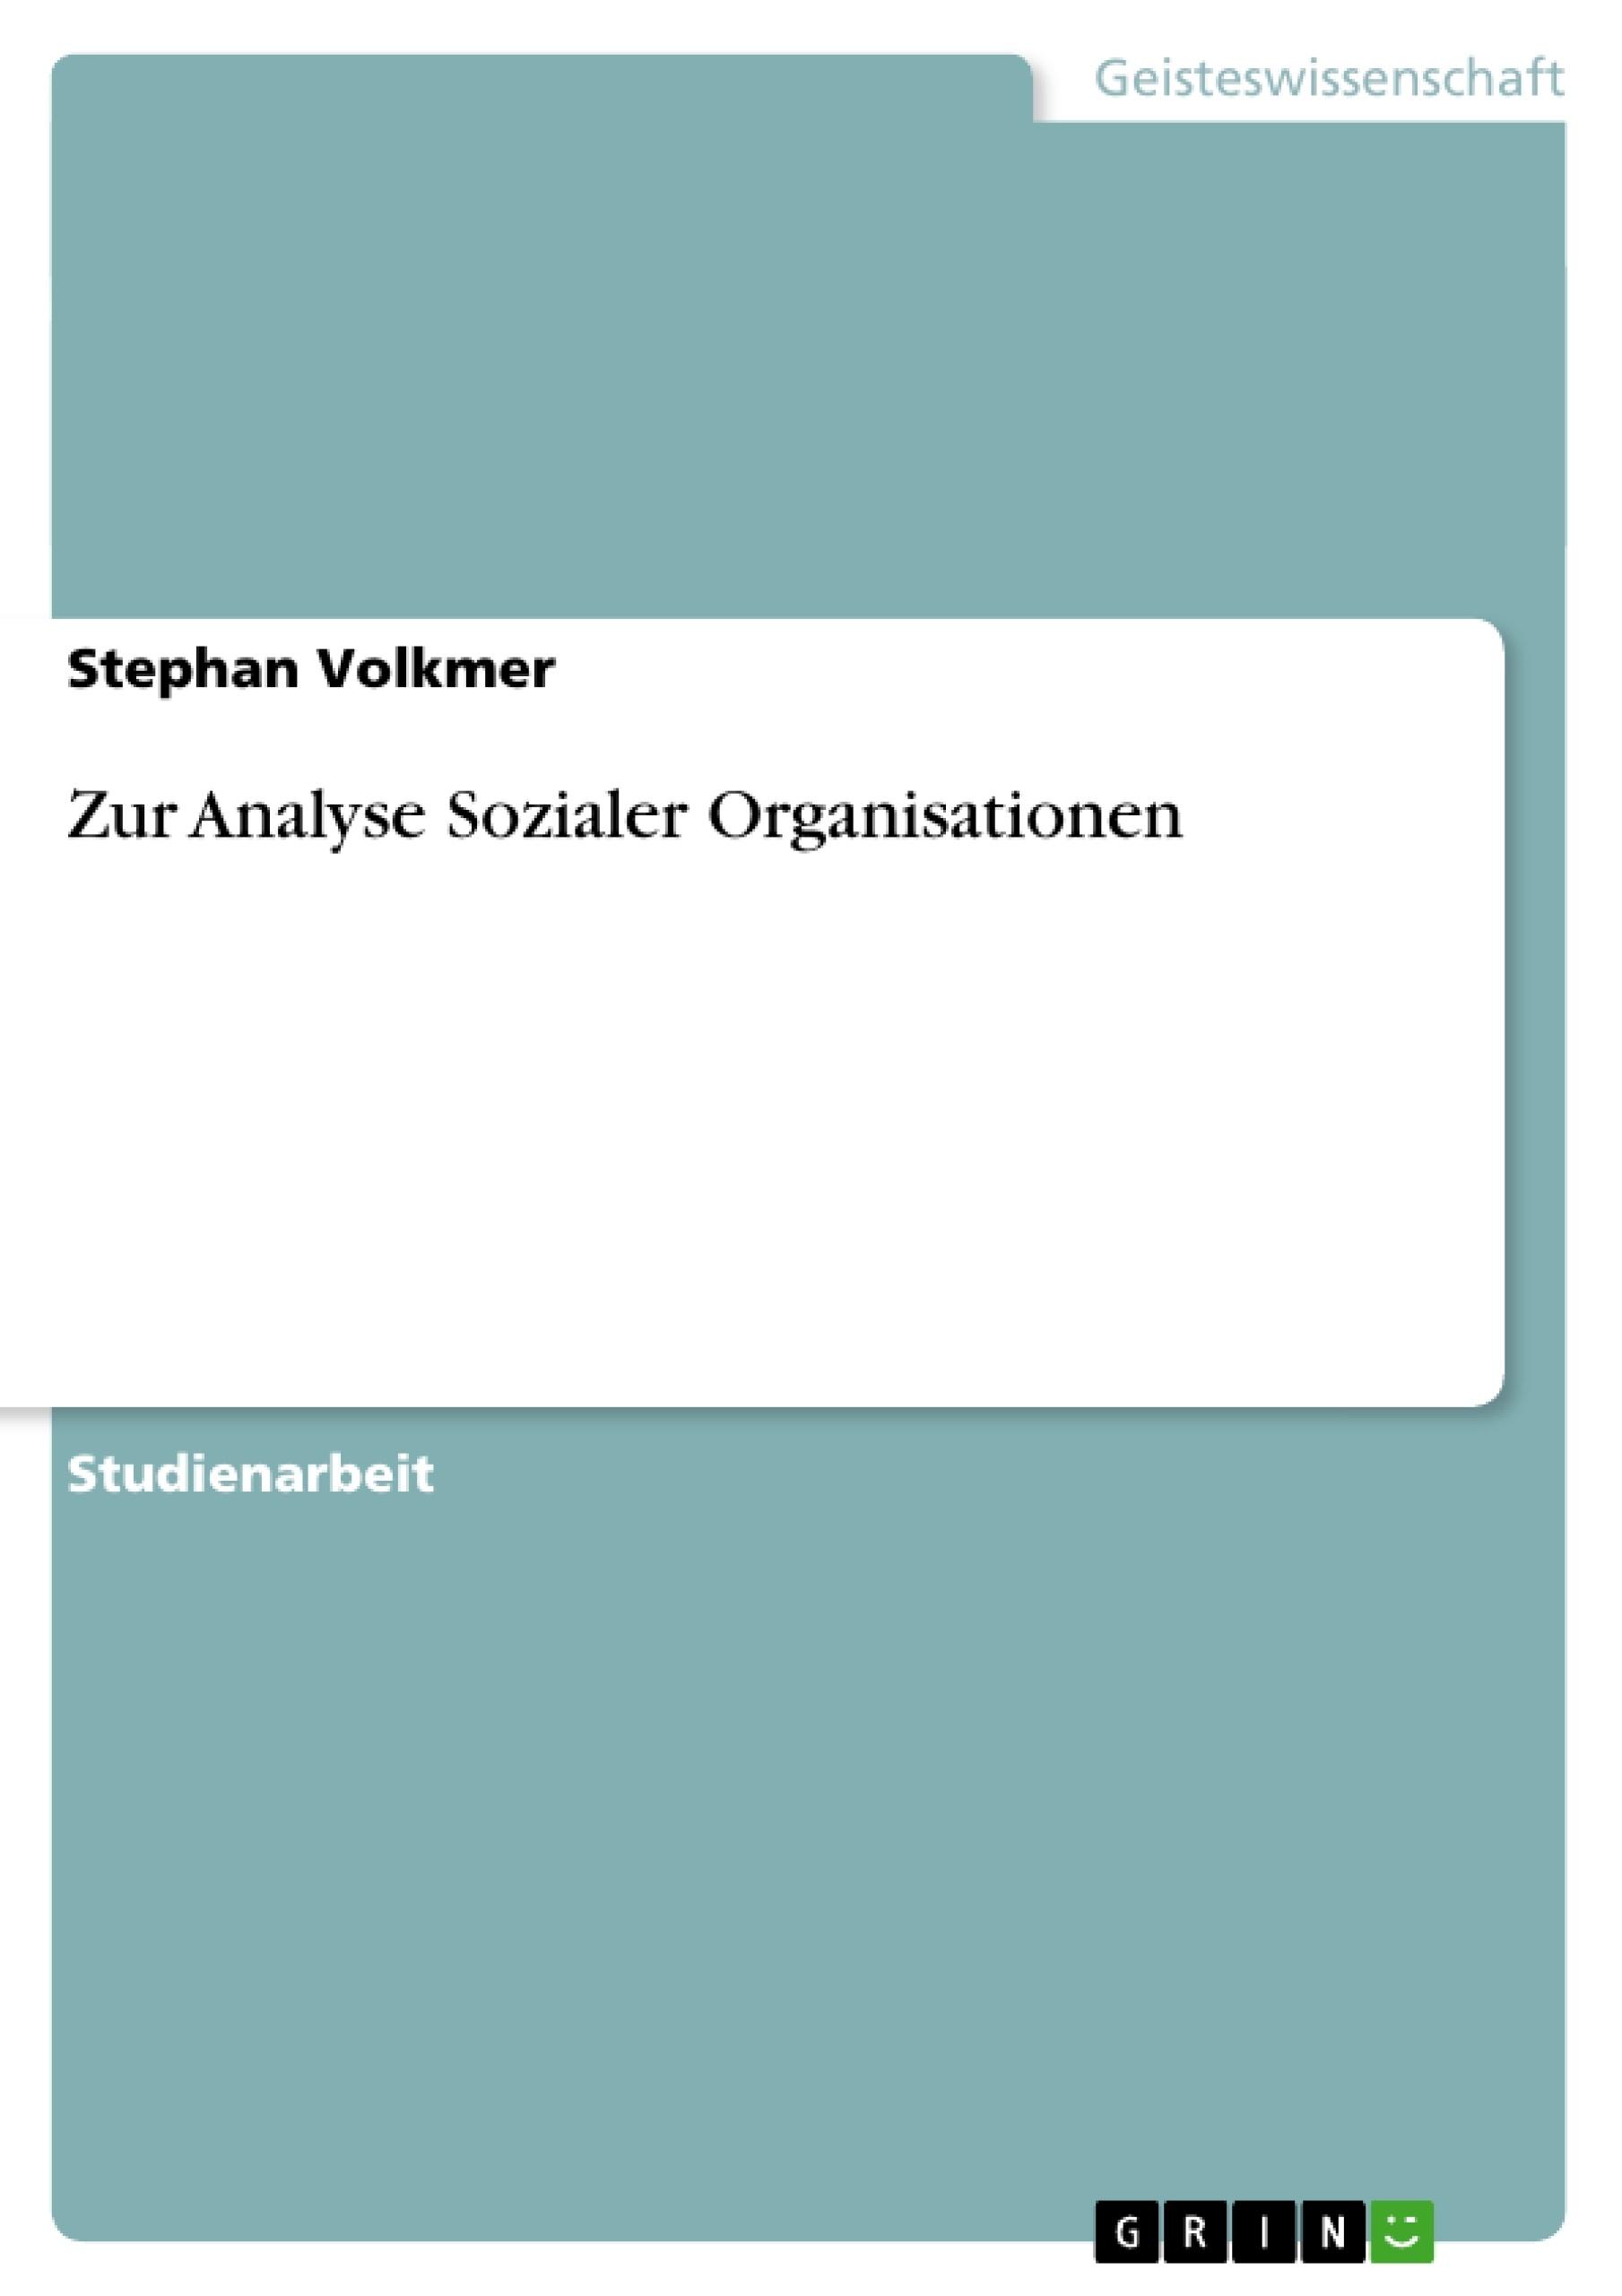 Titel: Zur Analyse Sozialer Organisationen